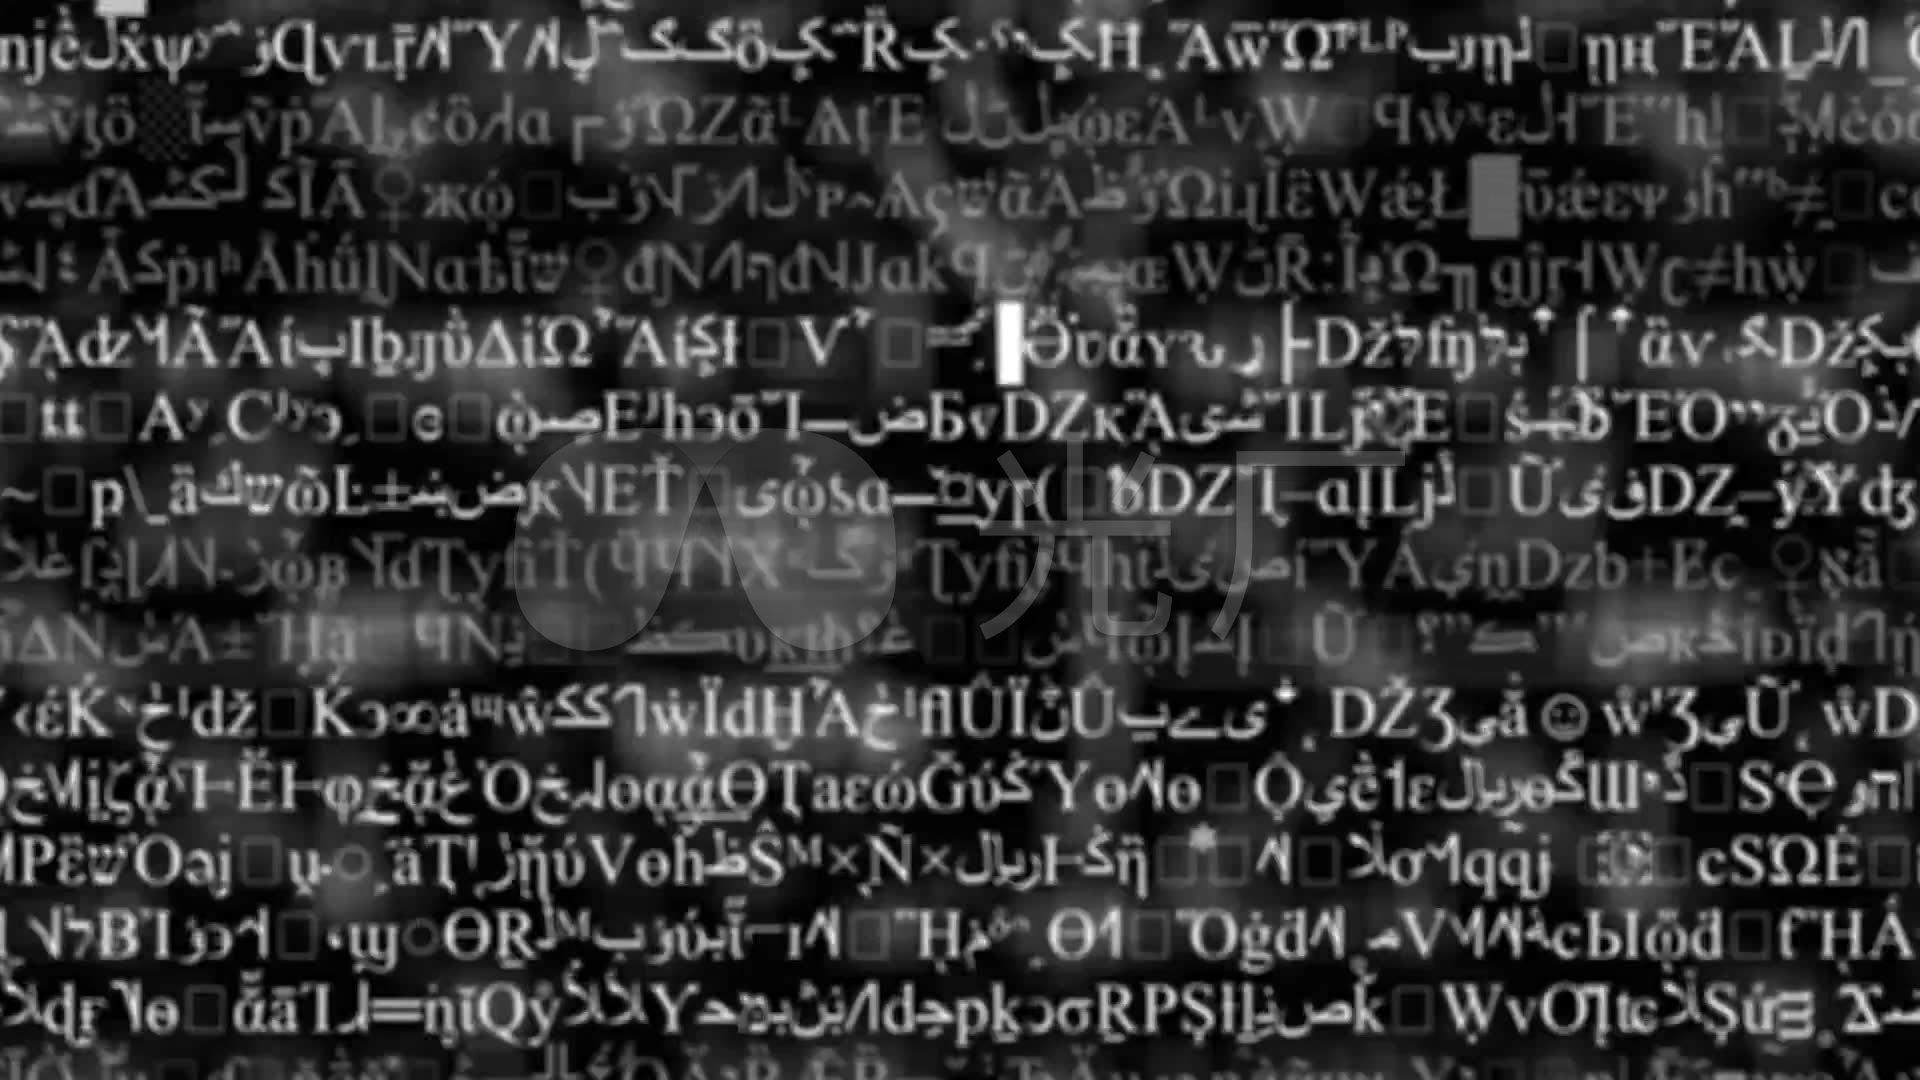 数学方程式-化学分子式-密码破解图片